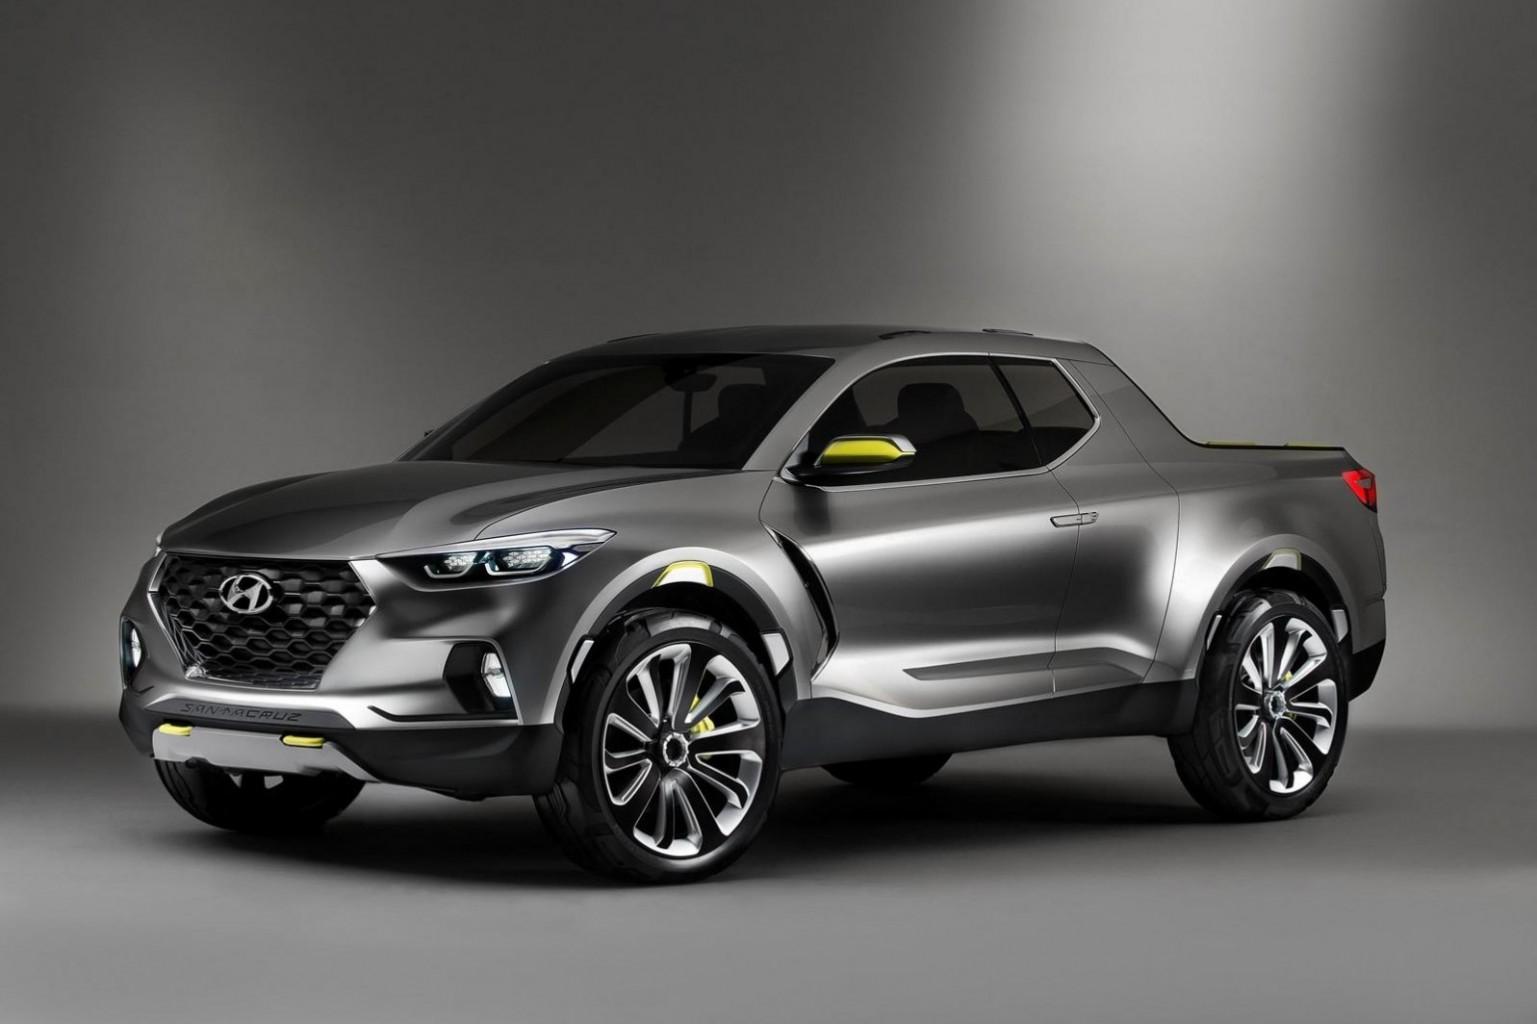 Hyundai asegura que la pick up Santa Cruz saldrá a la venta entre el 2020 y el 2021